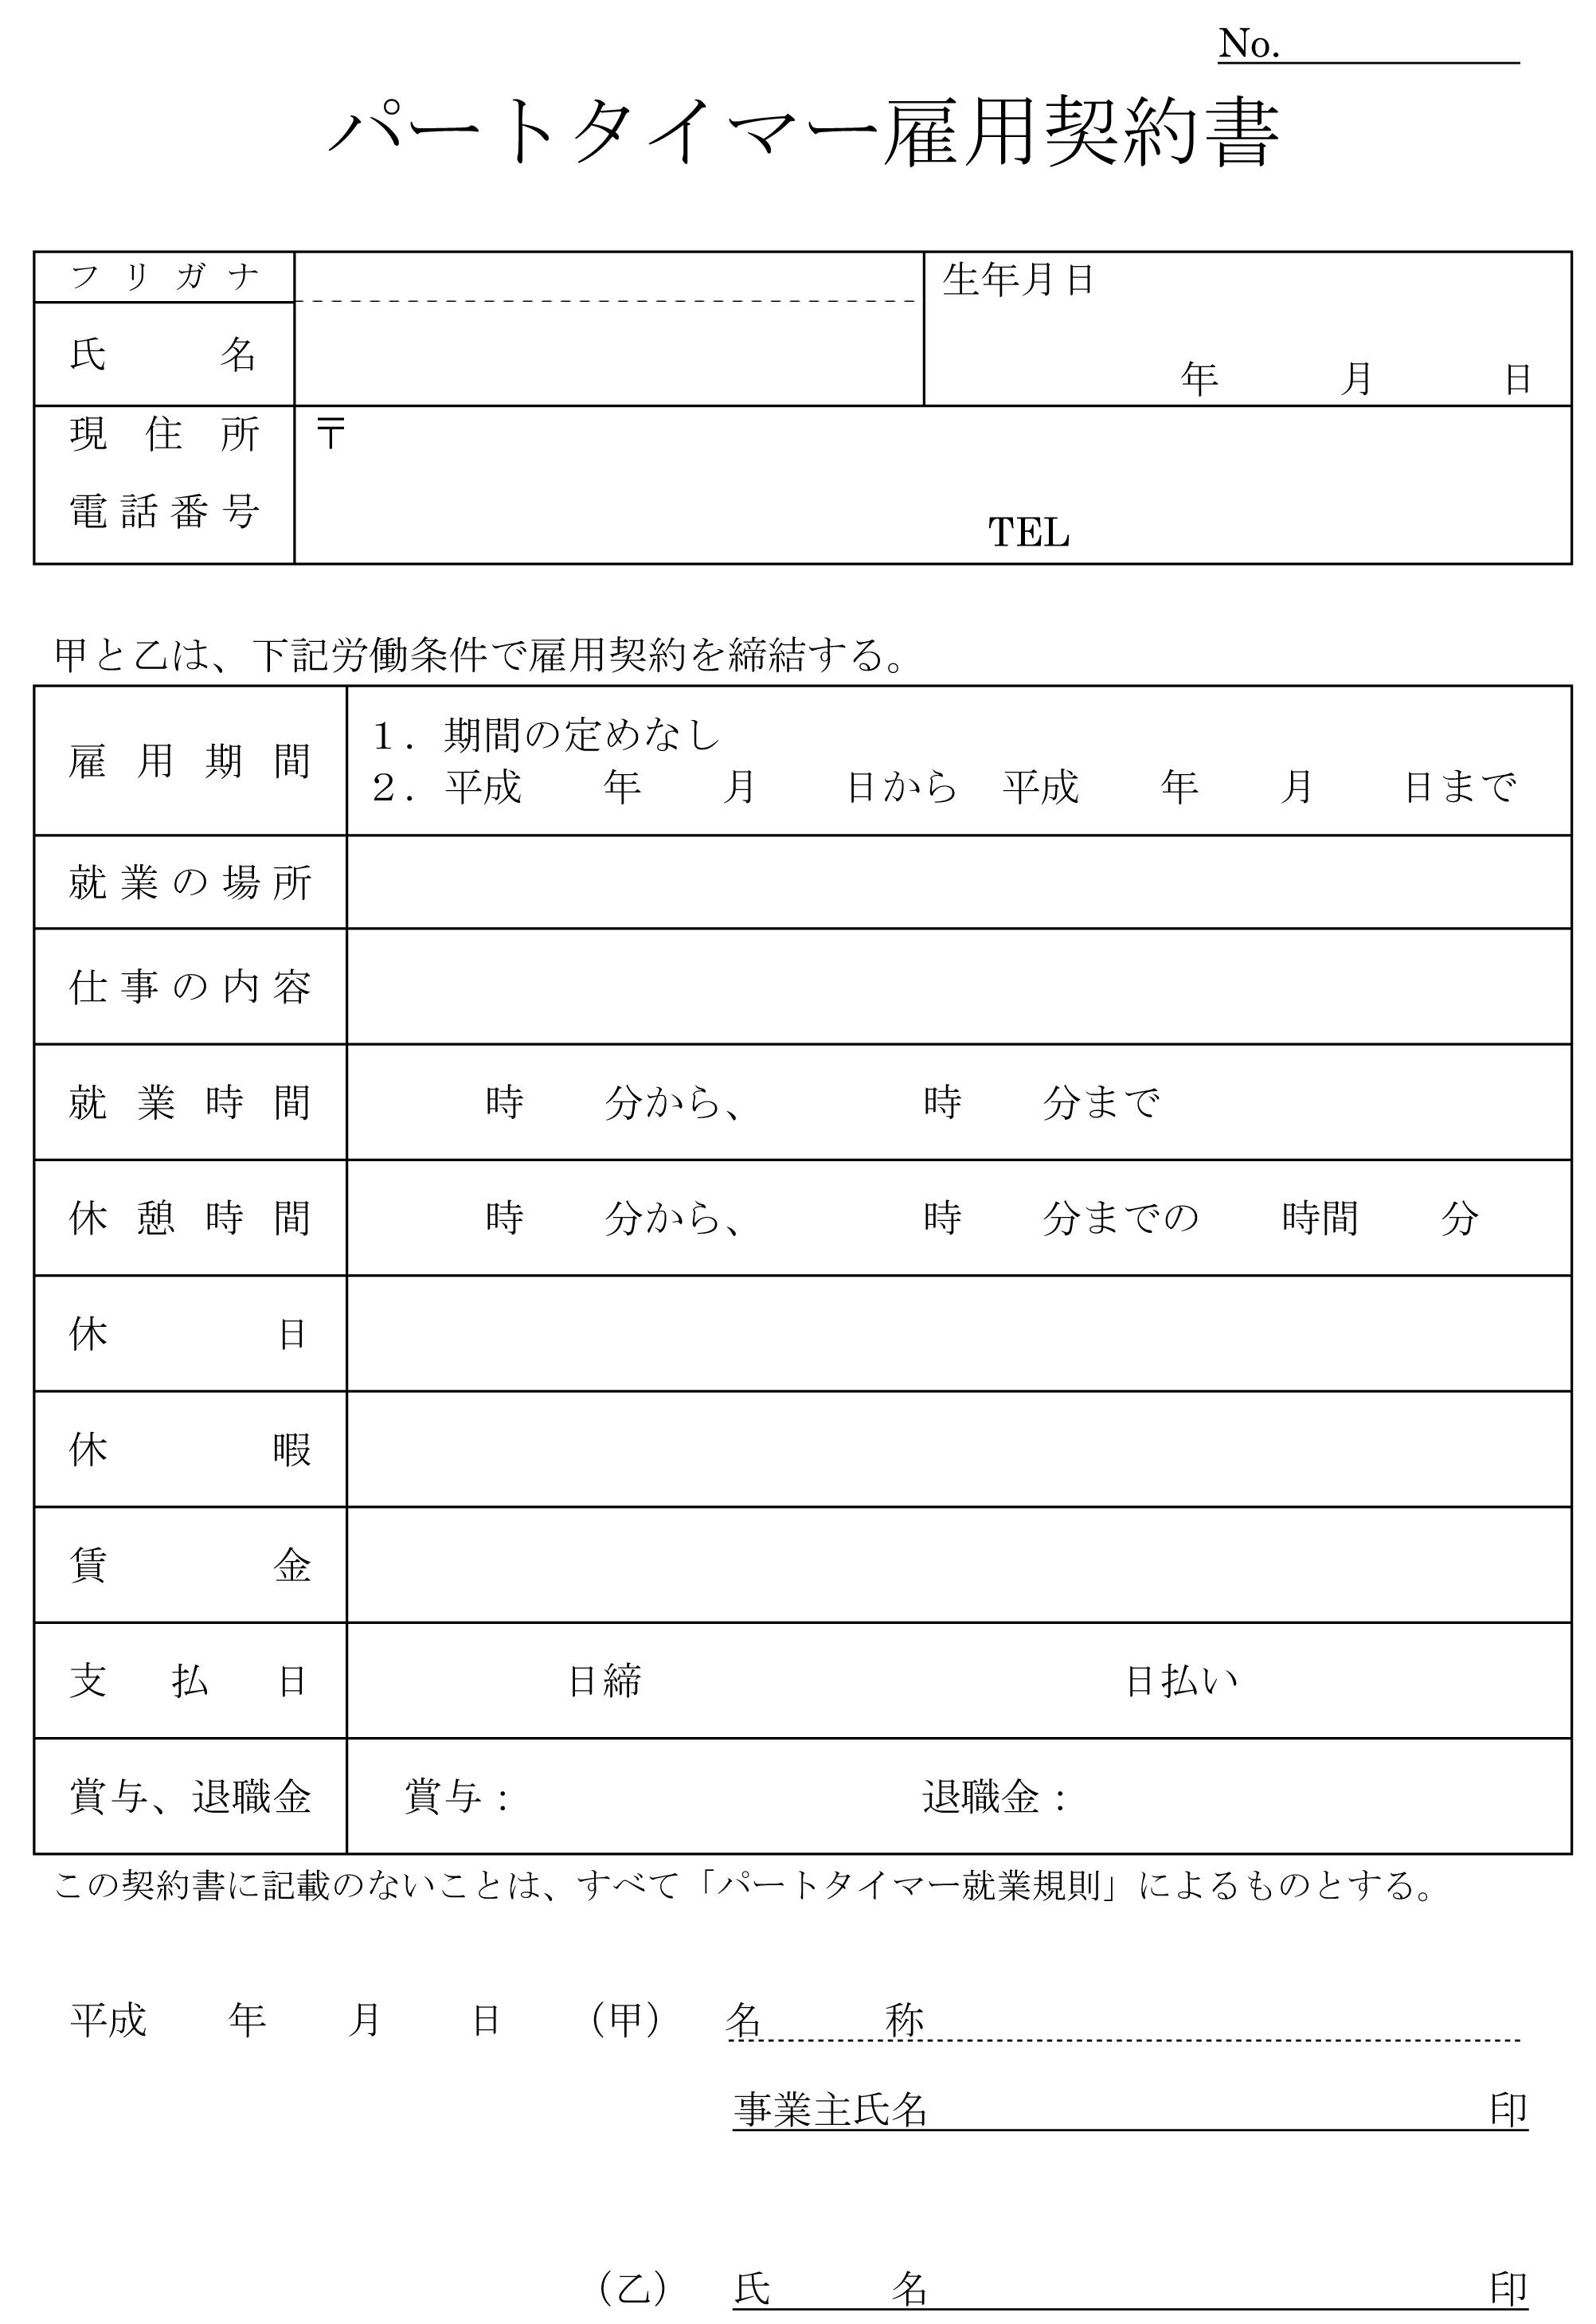 パートタイマー雇用契約書